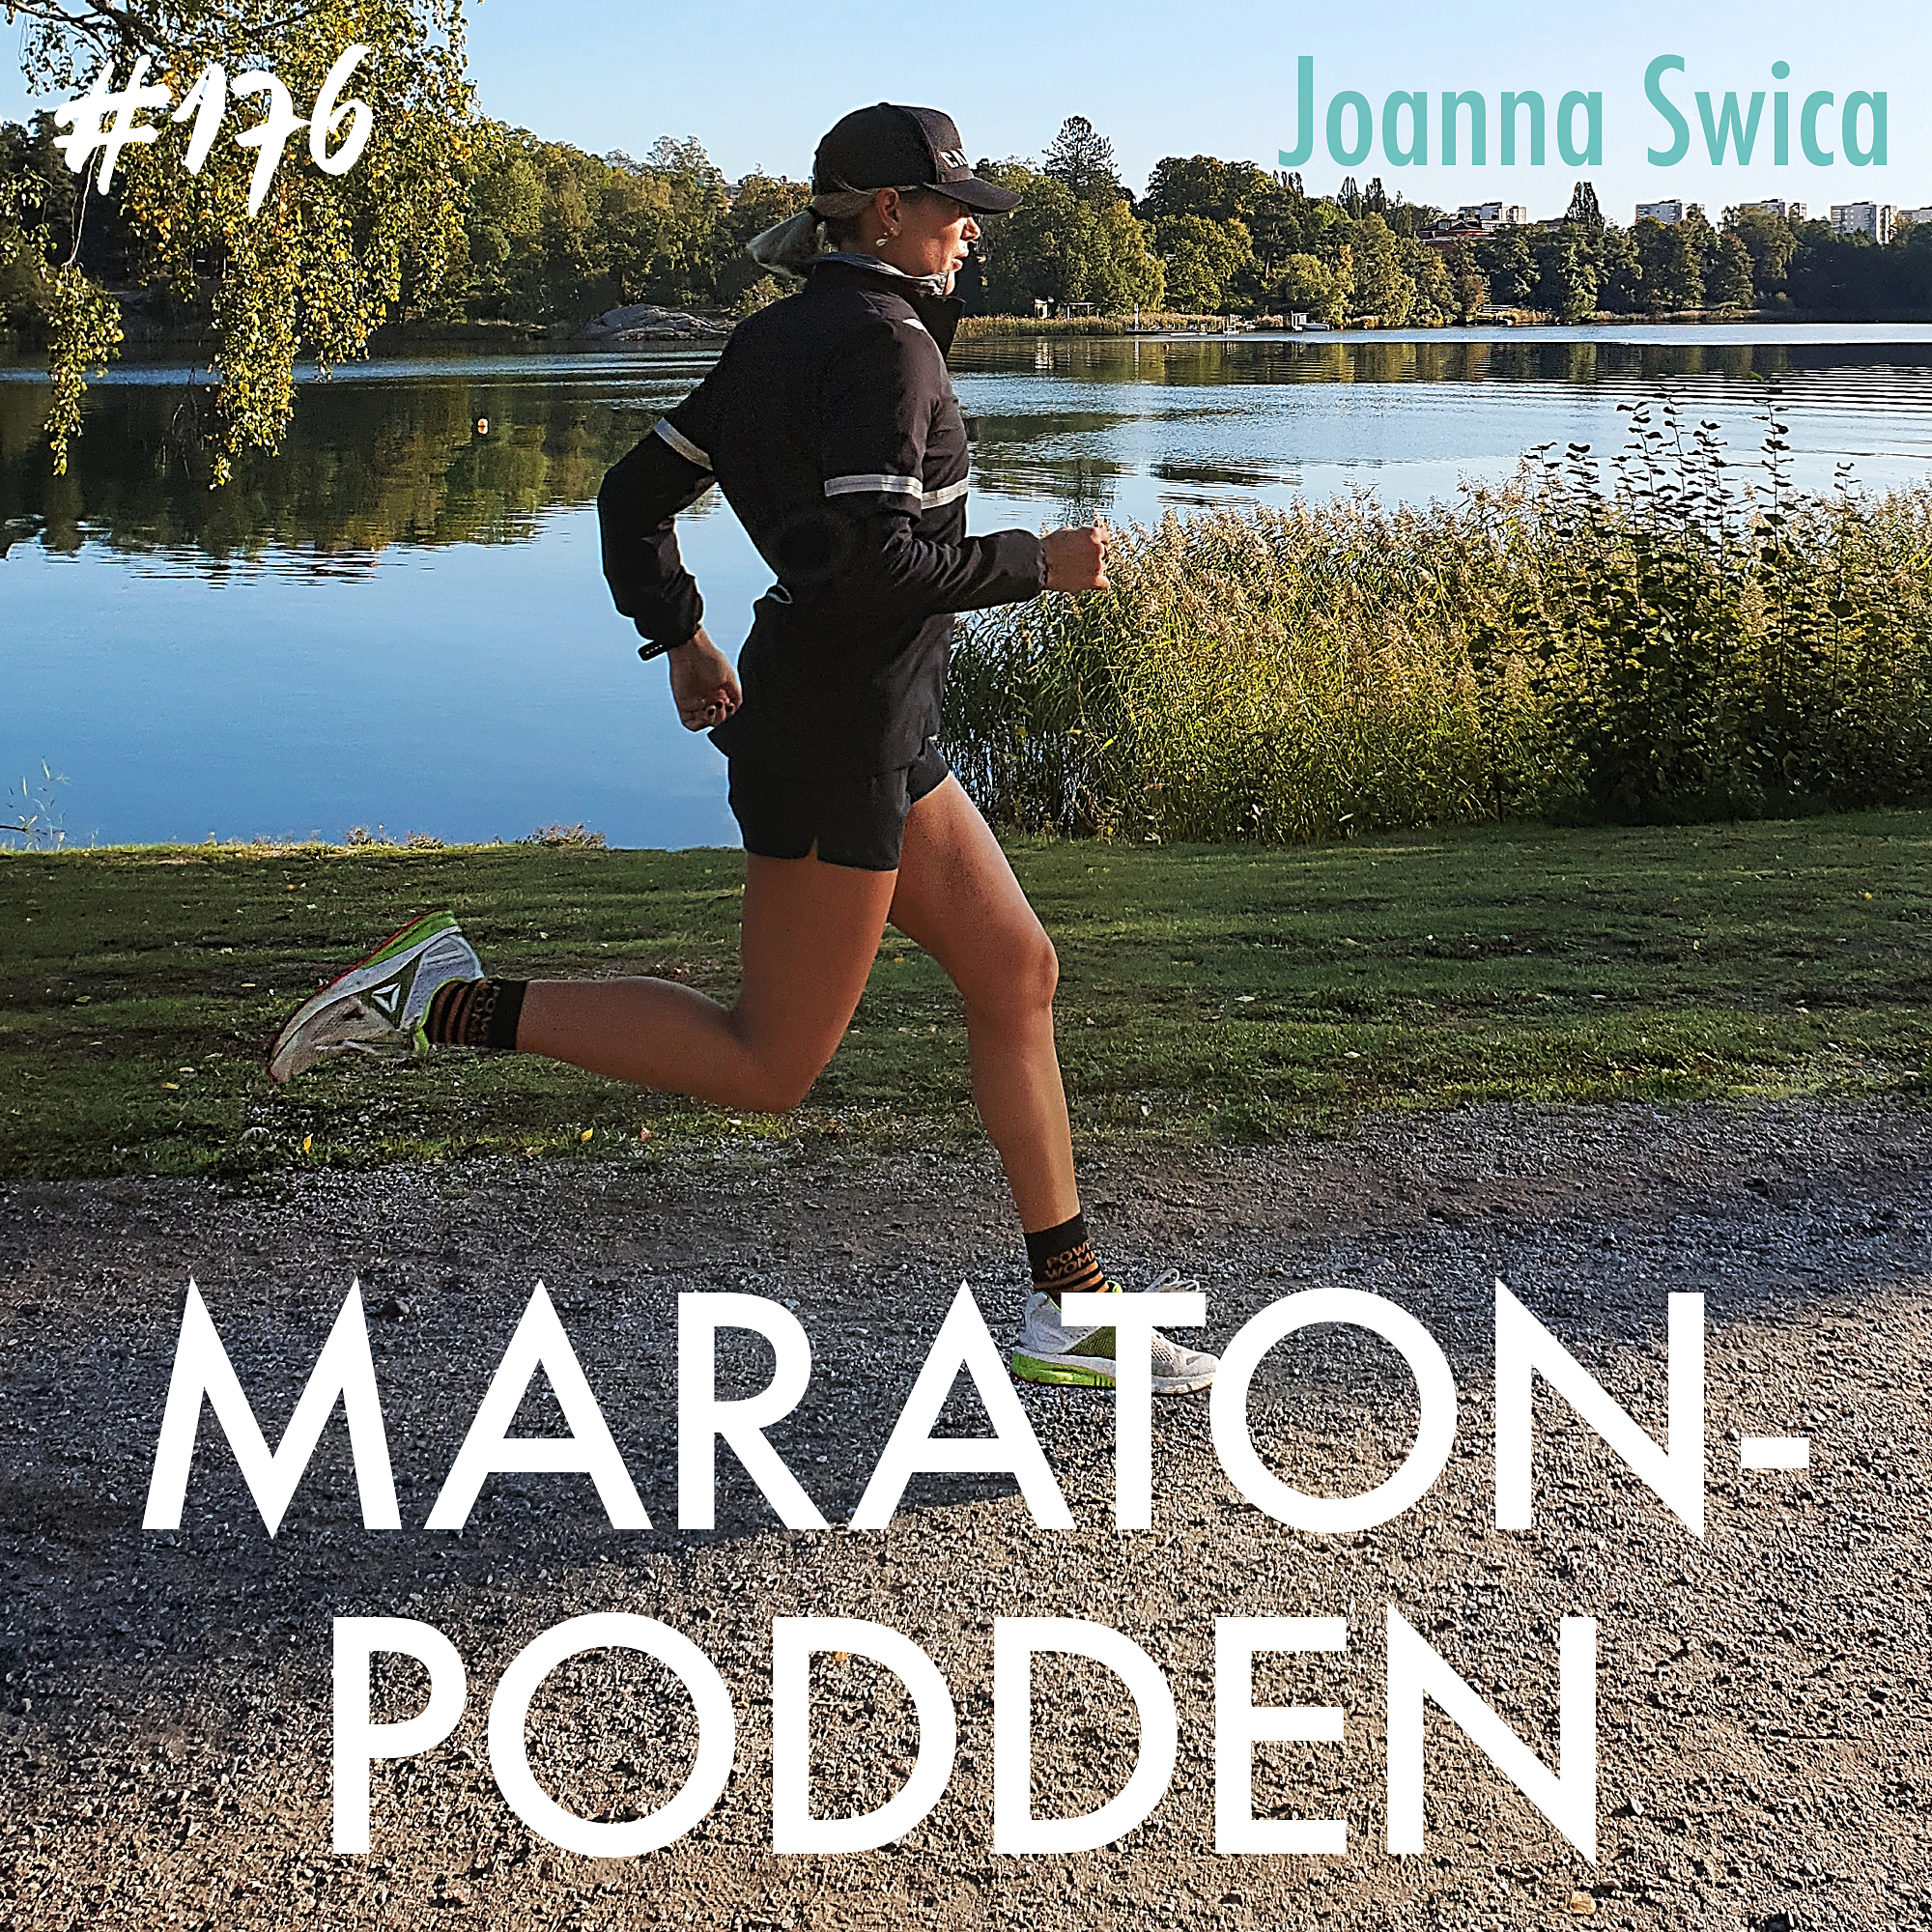 #176: Joanna Swica, sätt inga etiketter på min träning!